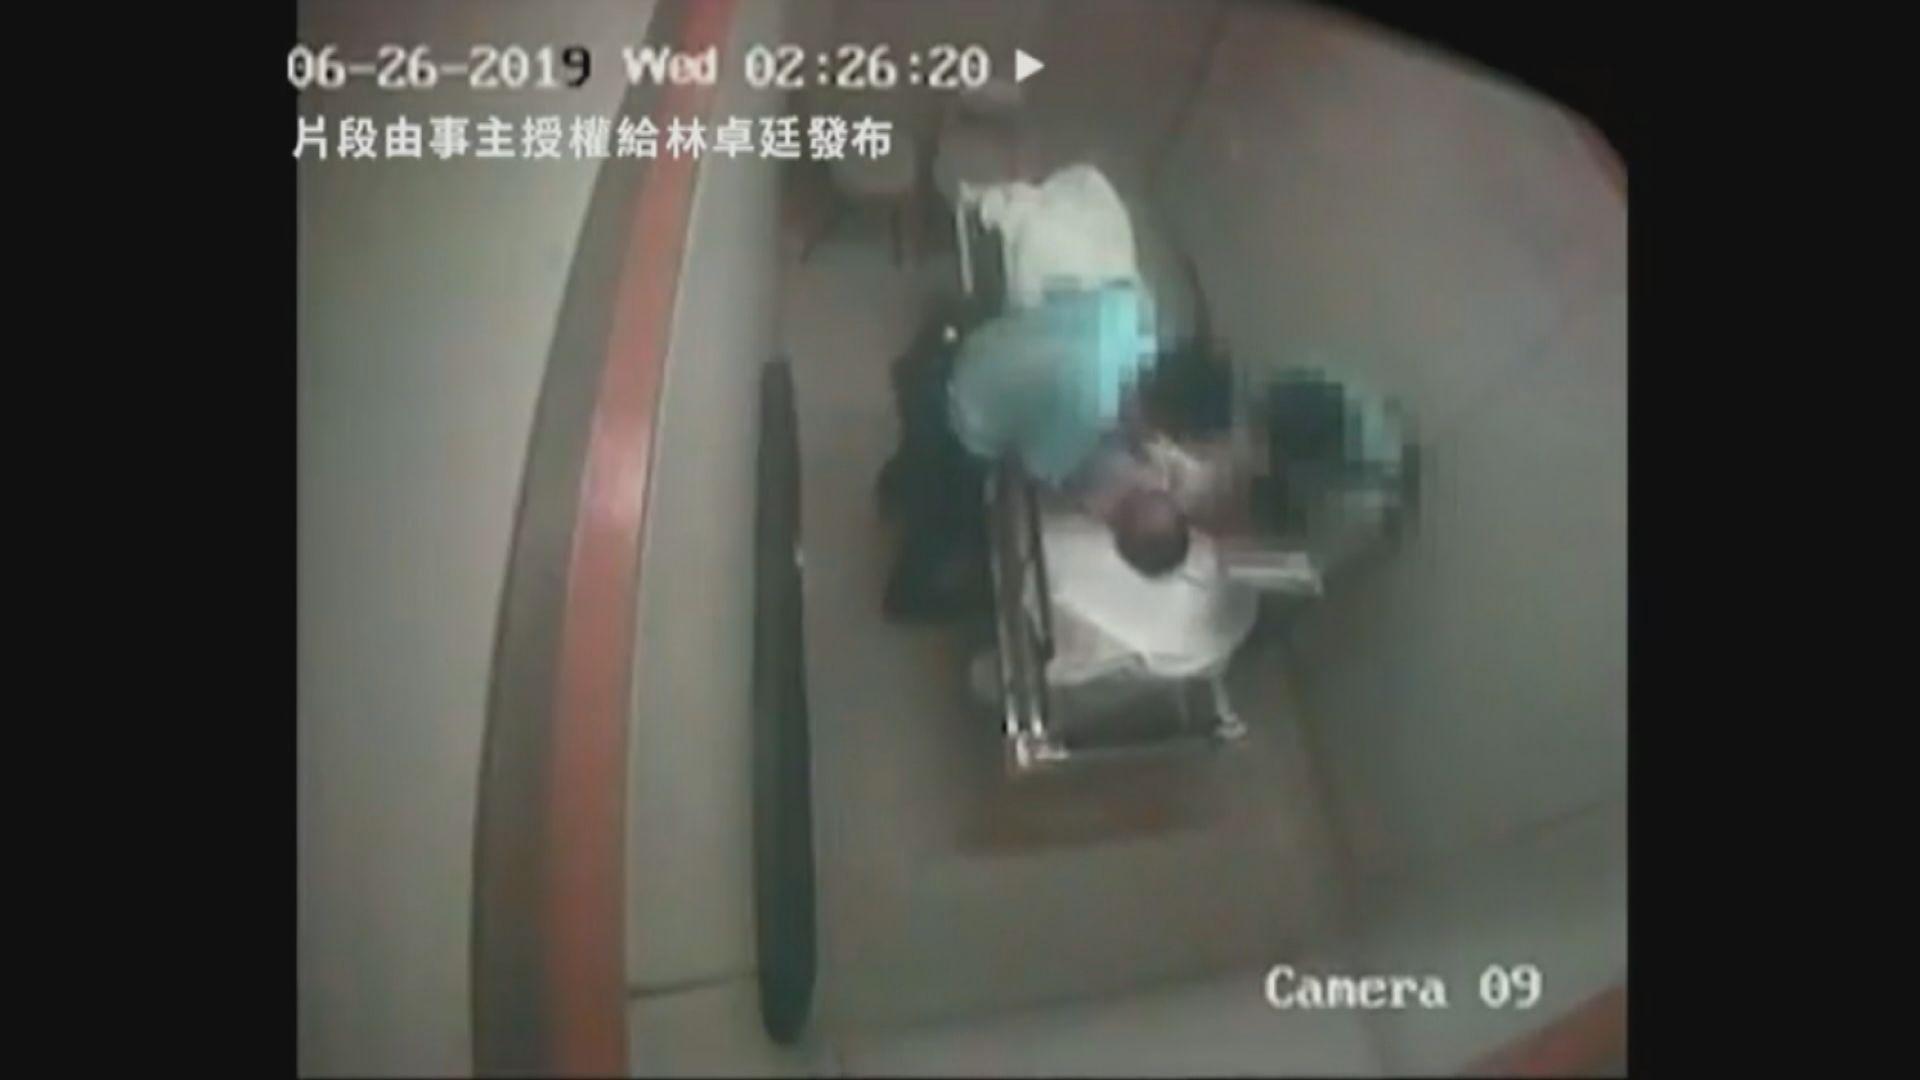 北區醫院襲擊被捕男子 否認公職人員行為失當控罪的警員罪成